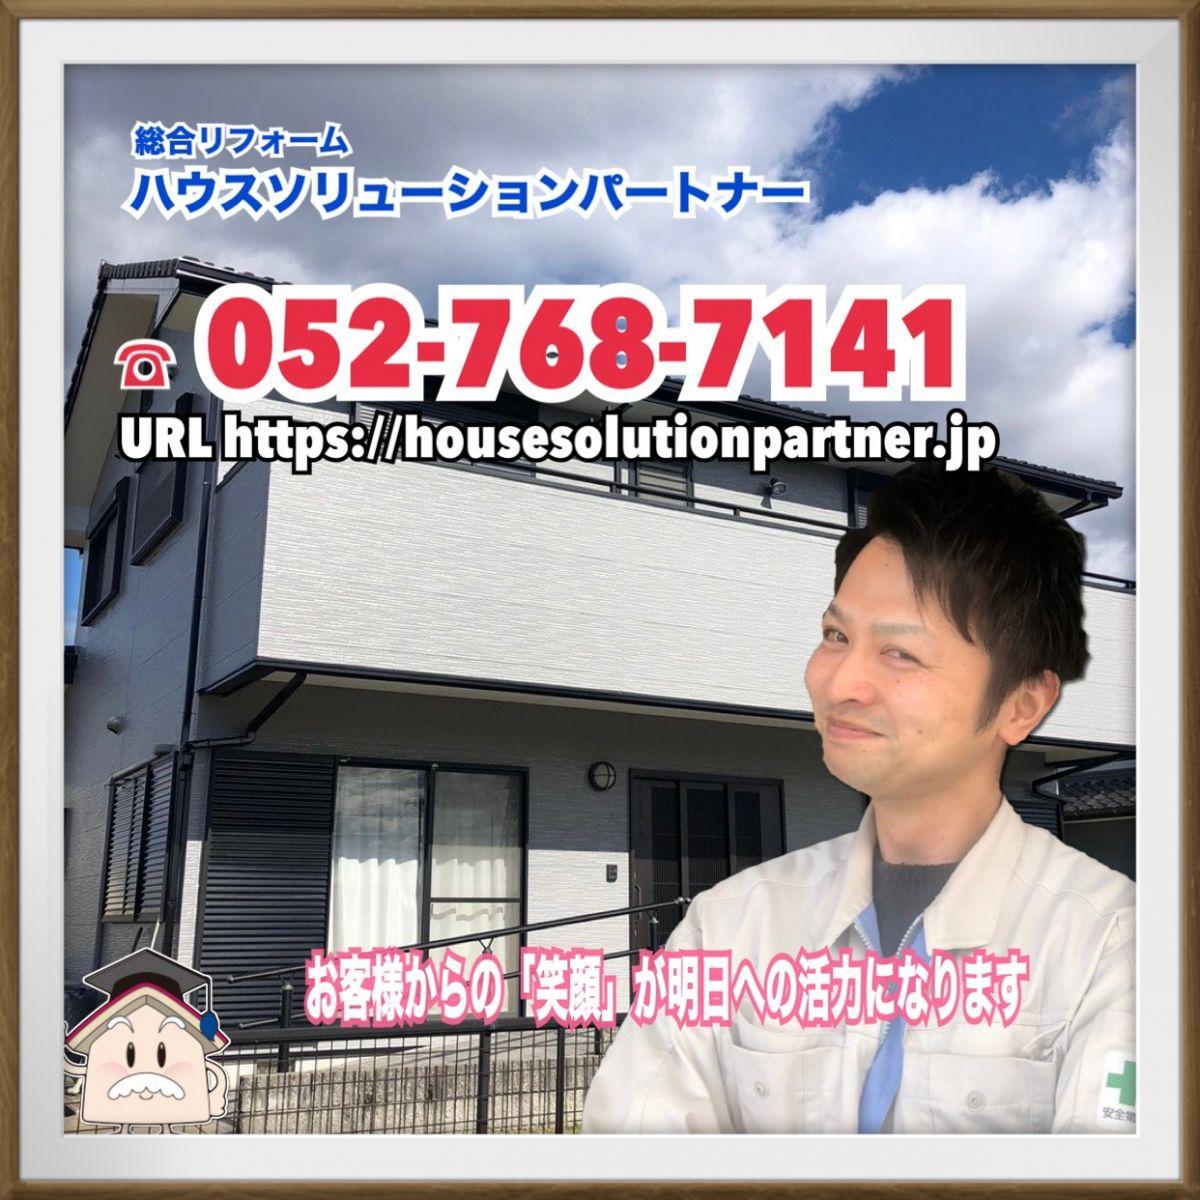 jirei_image53479